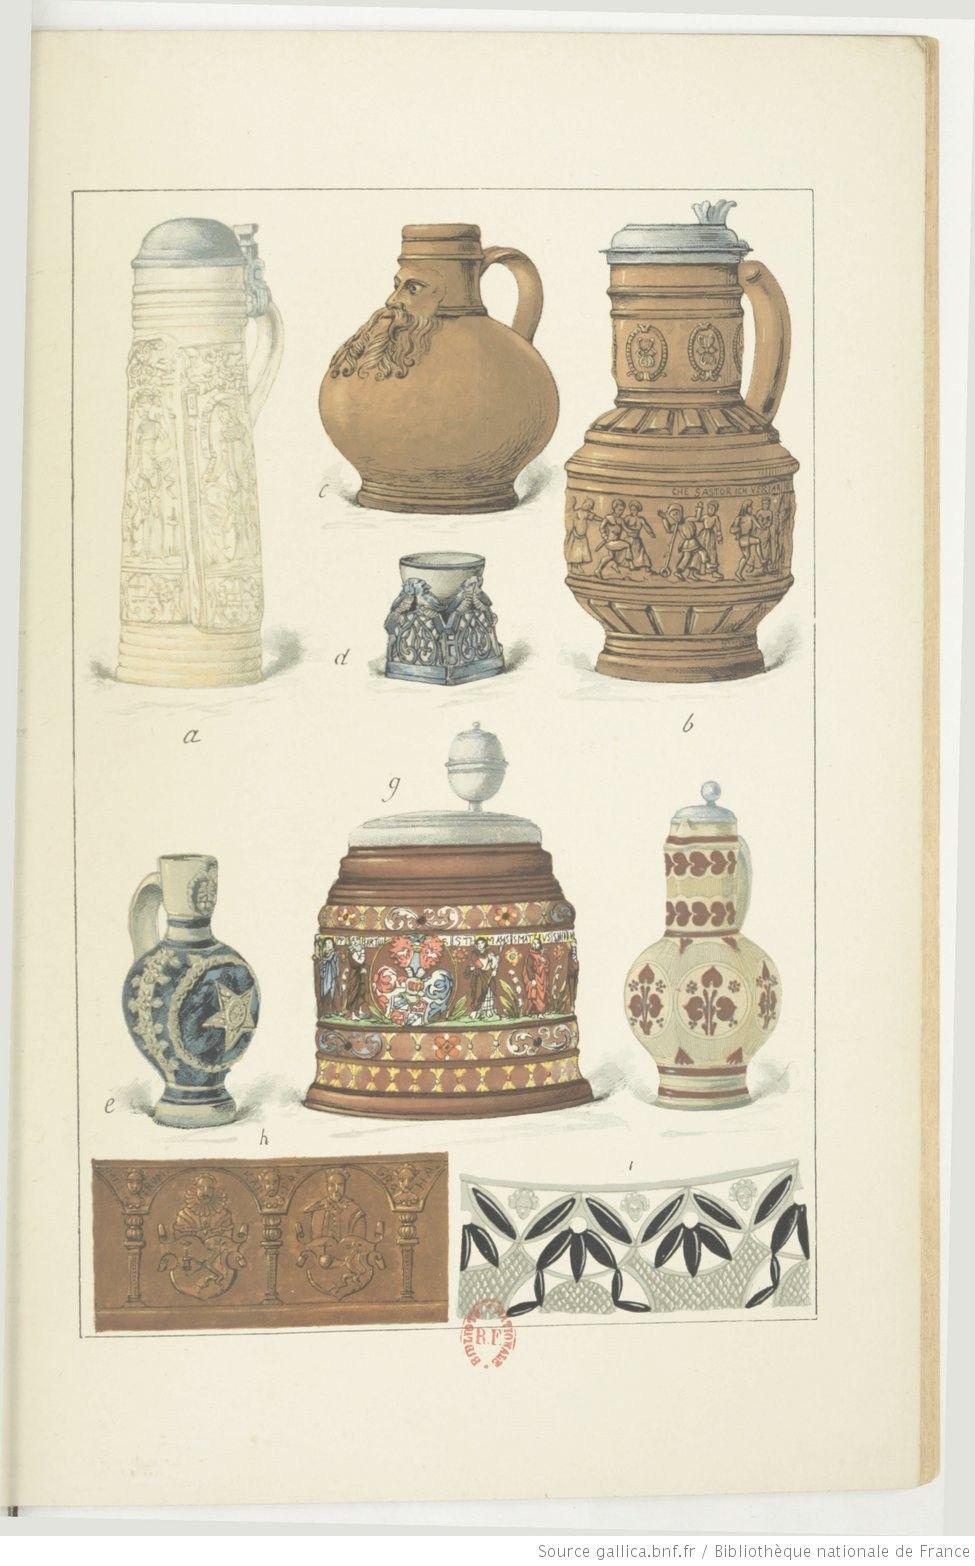 Dictionnaire De La Ceramique Faiences Gres Poteries Par